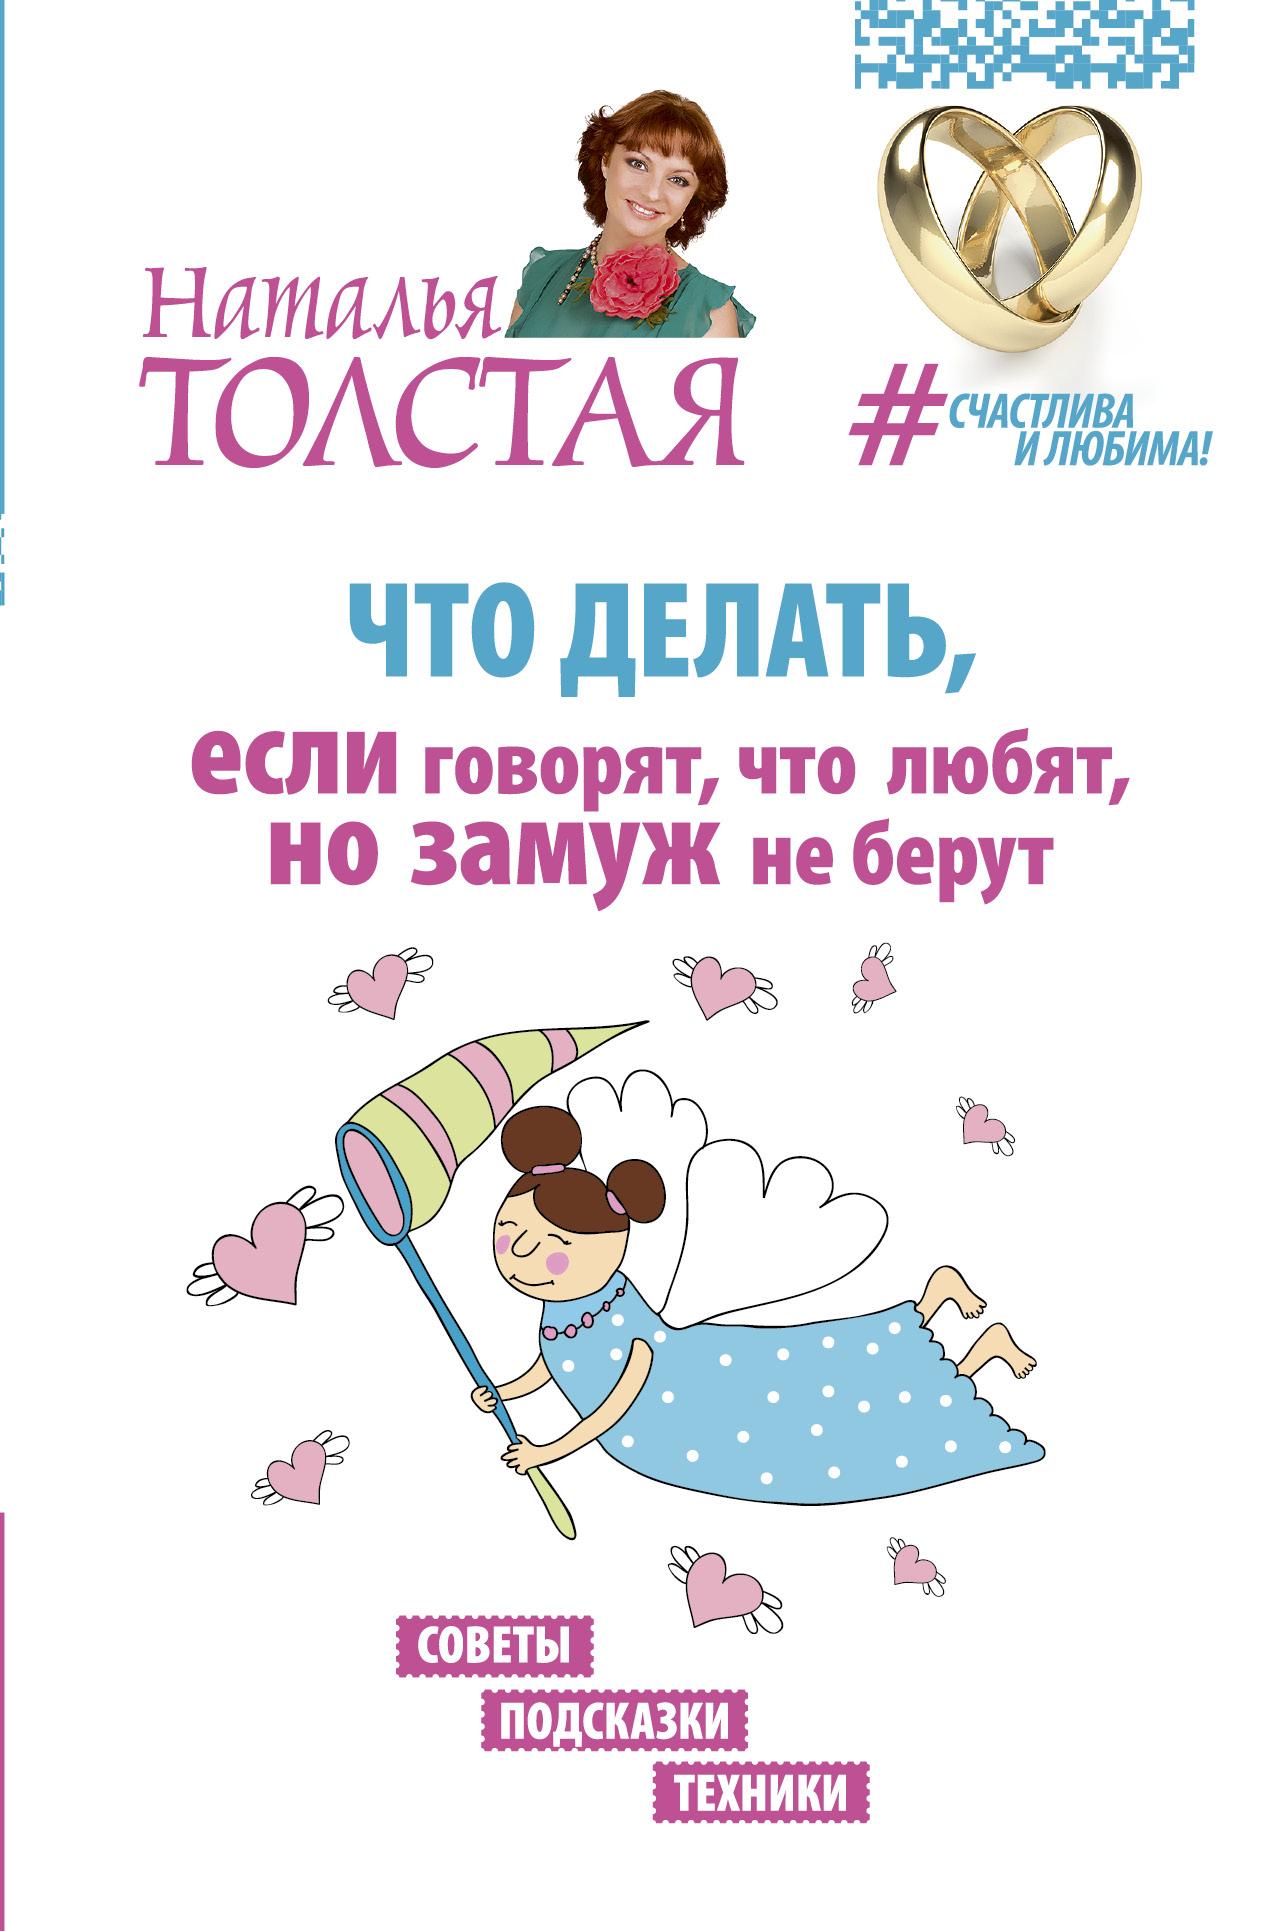 Толстая Наталья Владимировна Что делать, если говорят, что любят, но замуж не берут. Советы, подсказки, техники